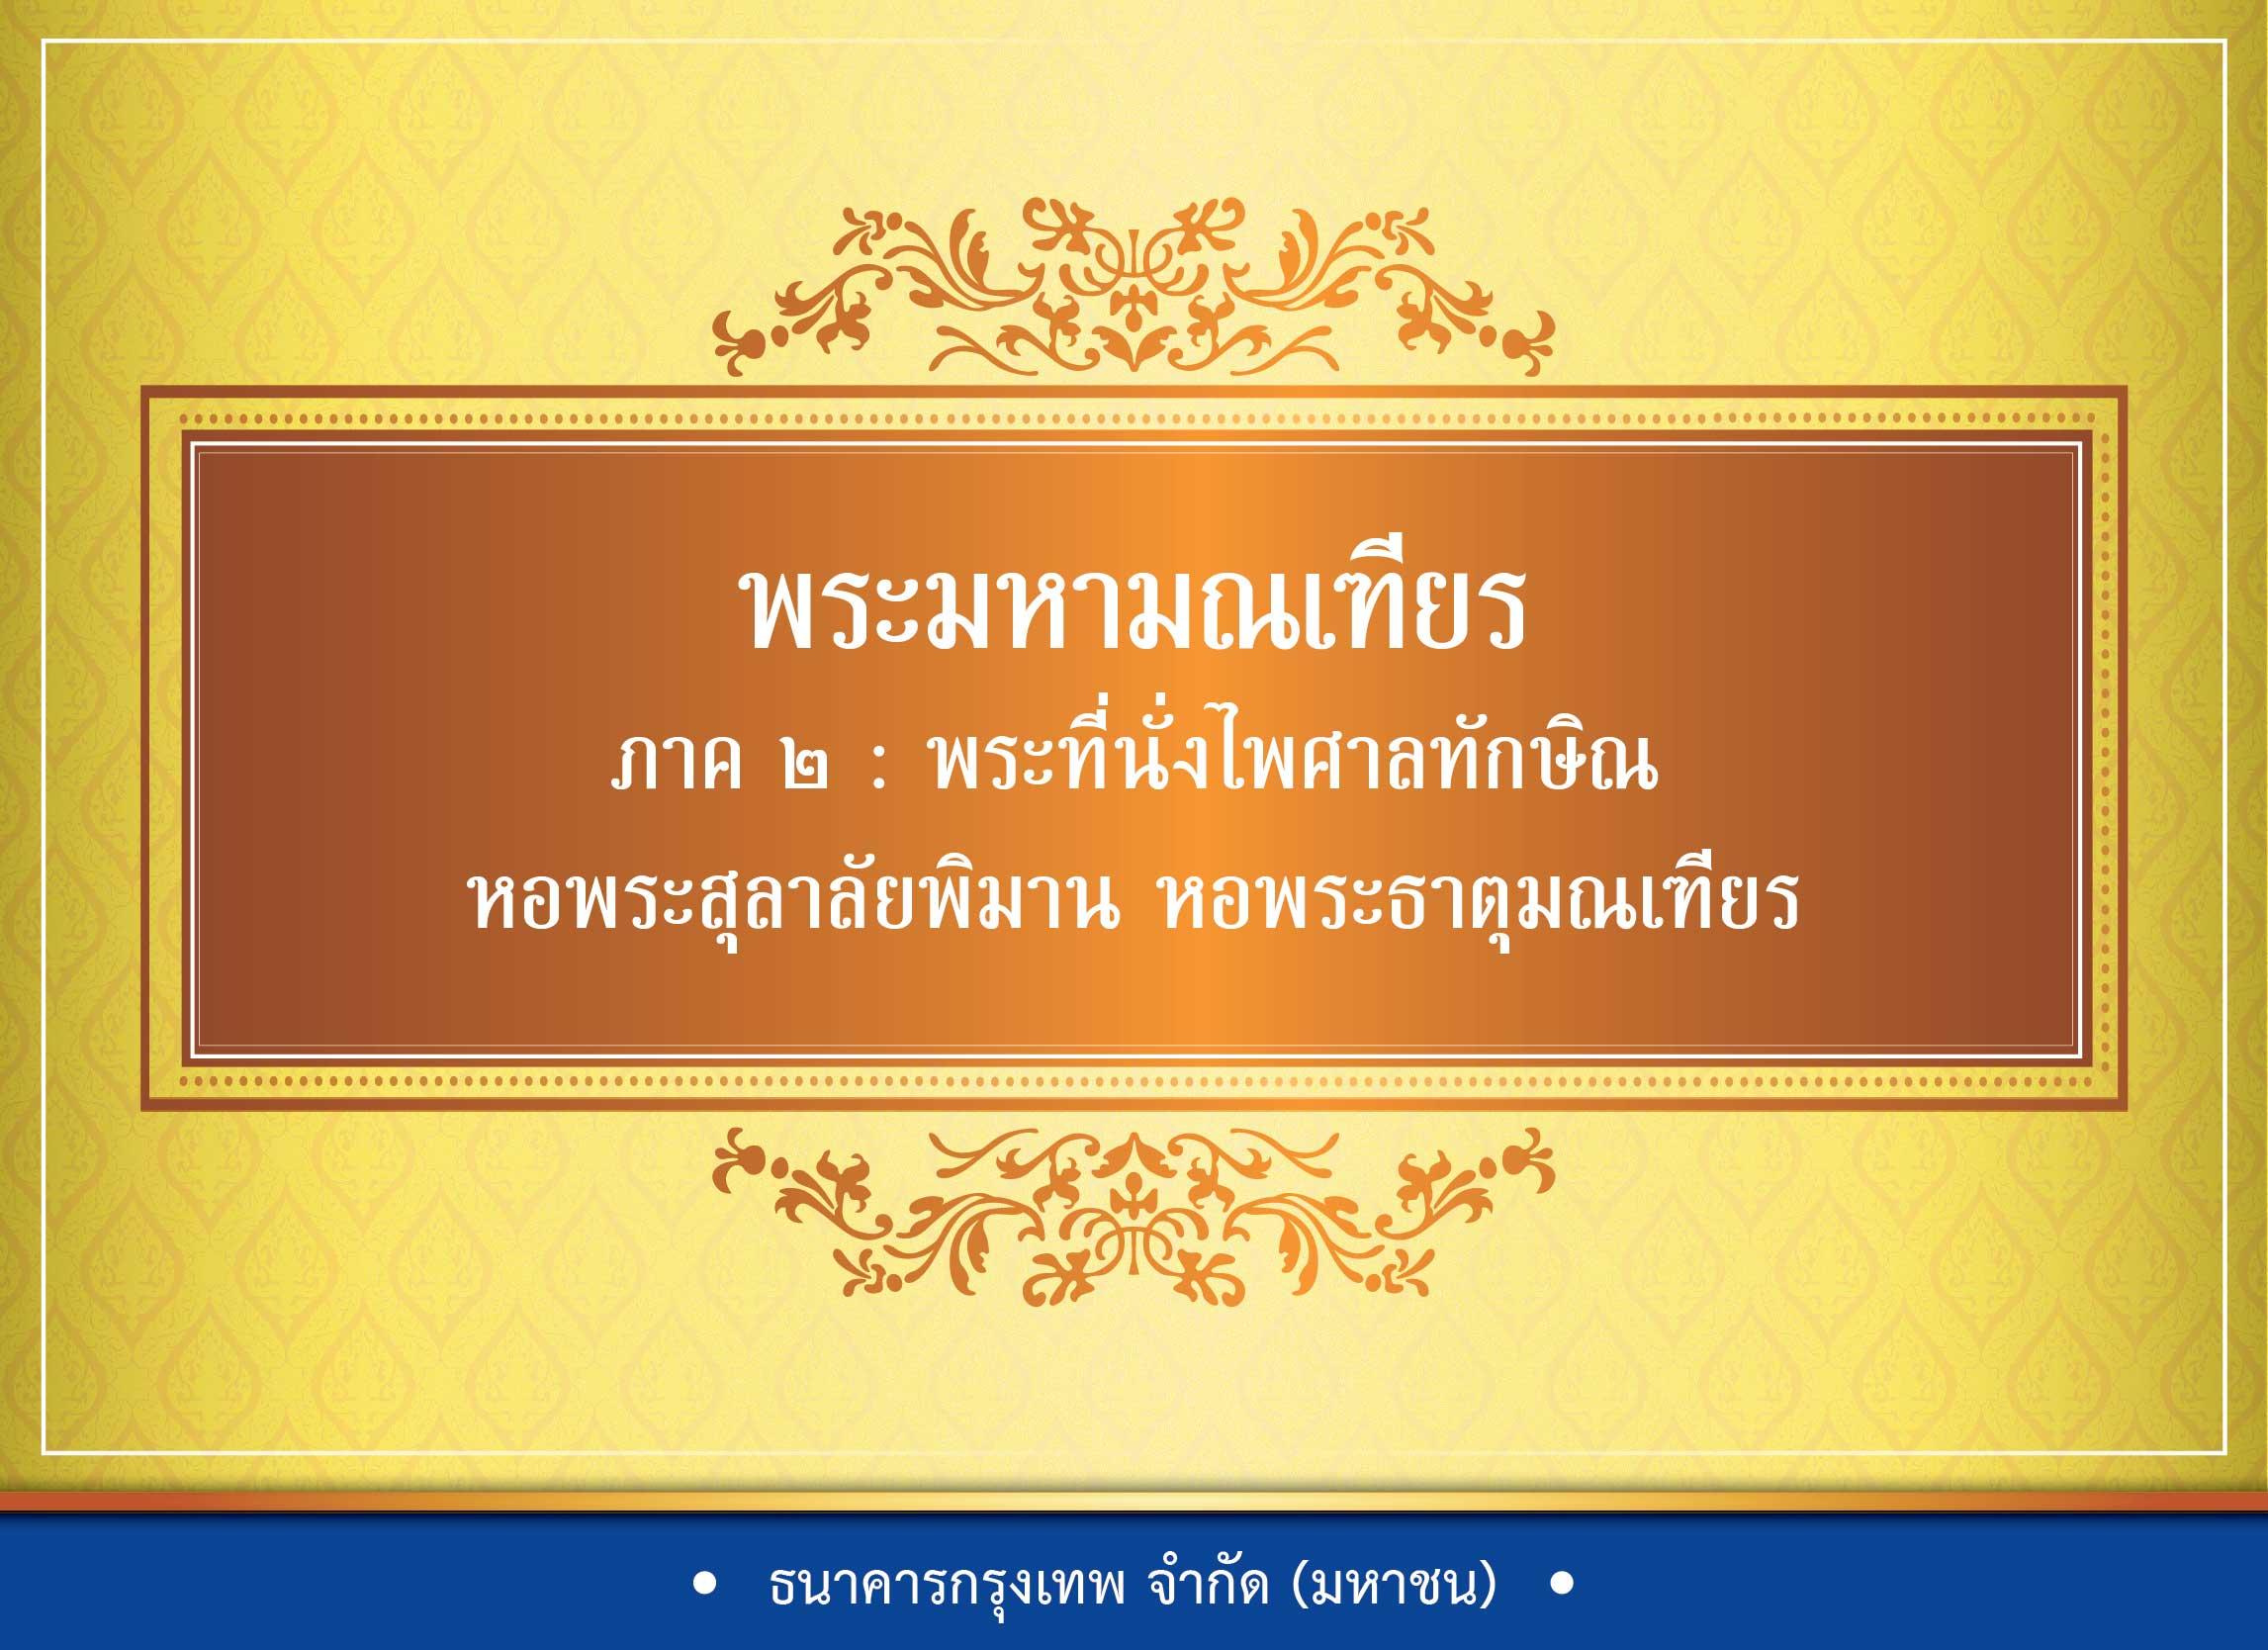 องค์ความรู้พระราชพิธีบรมราชาภิเษก เรื่อง พระมหามณเฑียร ภาค ๒ : พระที่นั่งไพศาลทักษิณ หอพระสุลาลัยพิมาน หอพระธาตุมณเฑียร